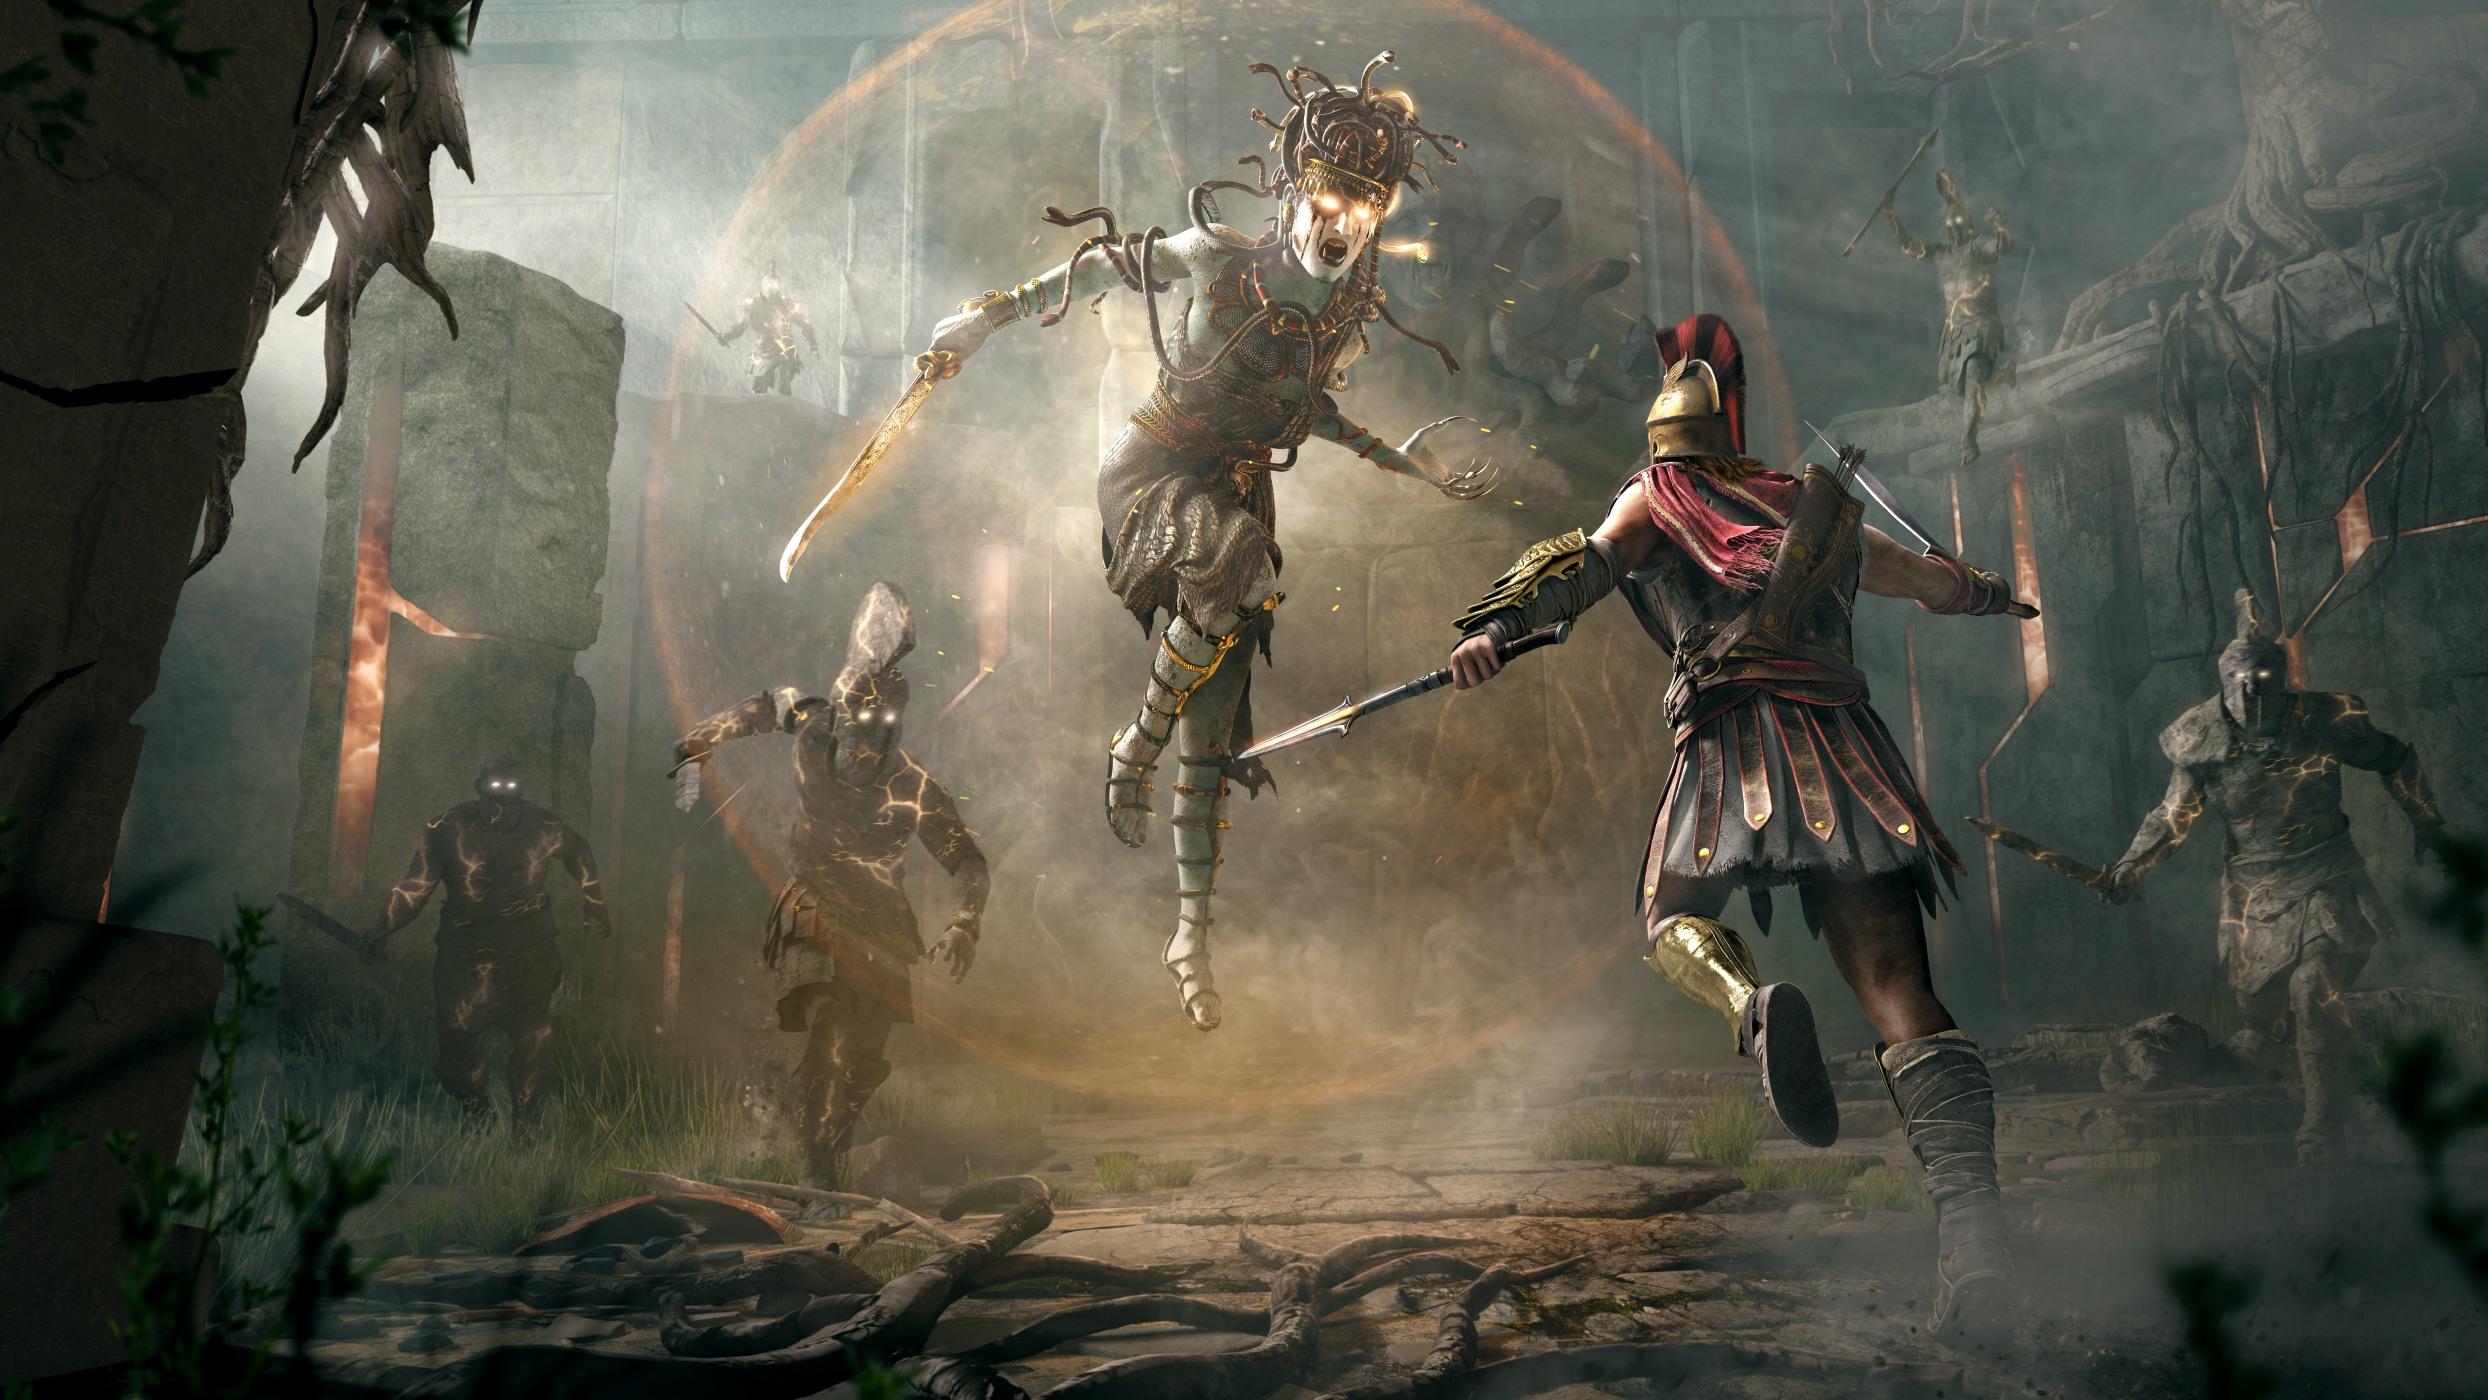 《刺客信条:奥德赛》试玩前瞻 美杜莎之战惊心动魄